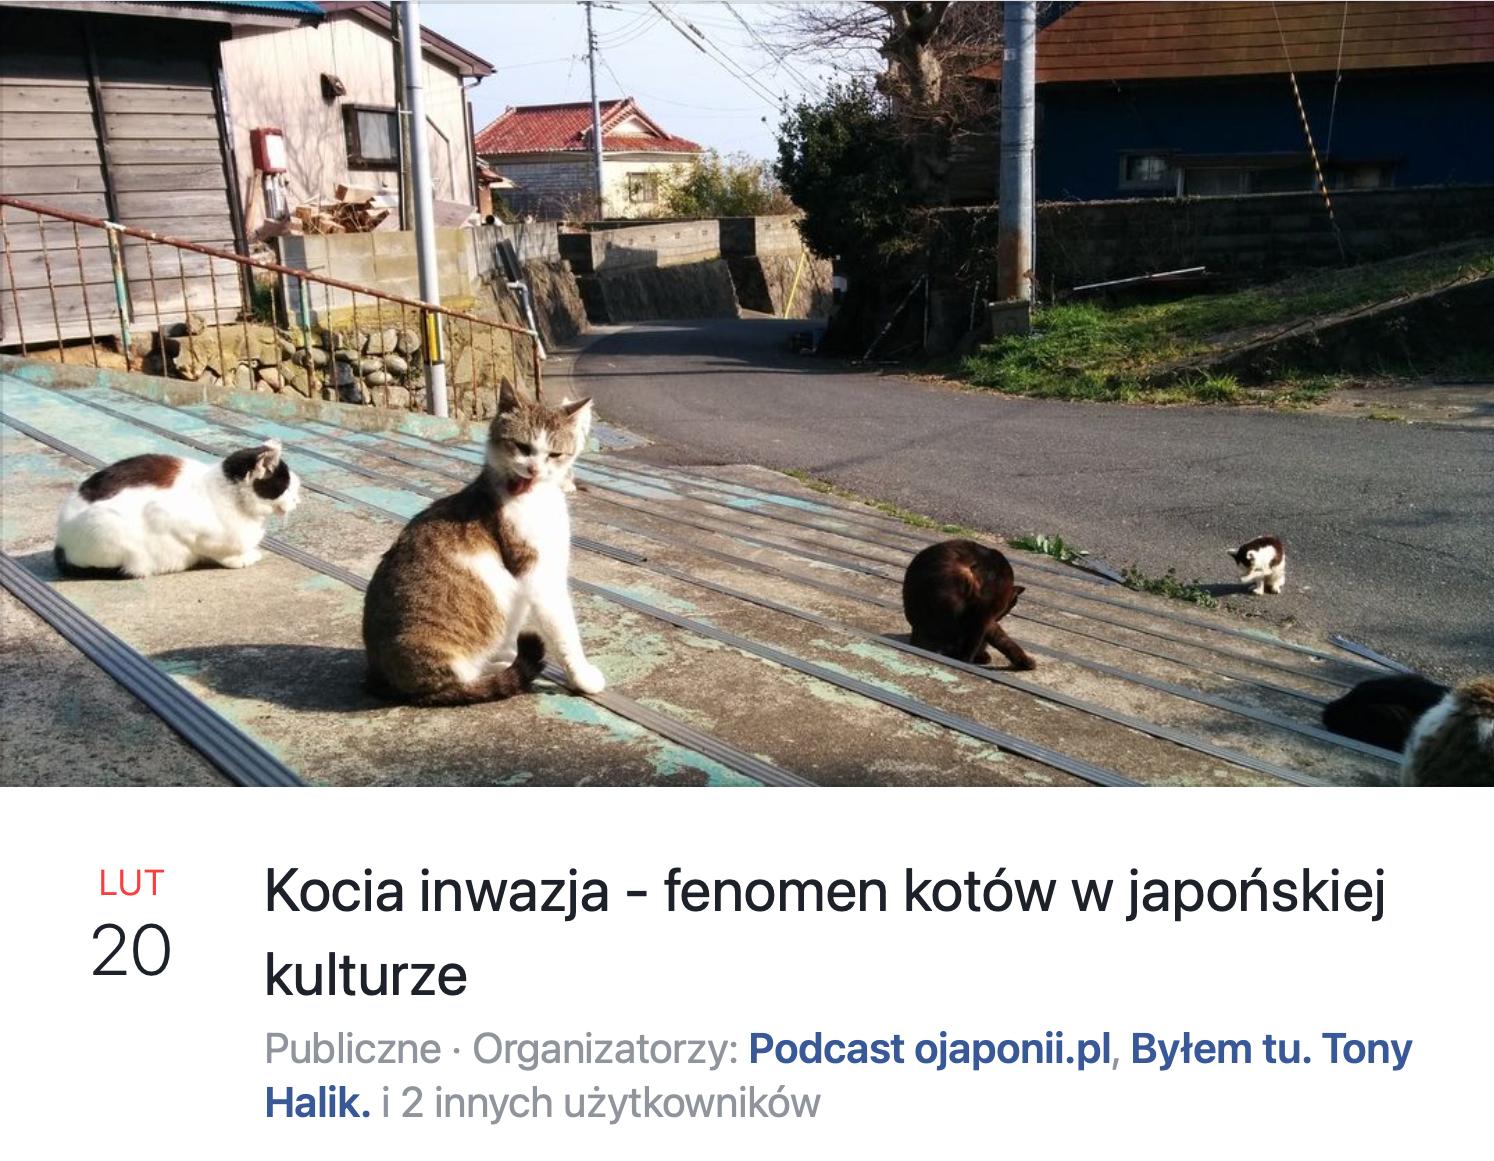 Kocia inwazja - koty w japońskiej kulturze